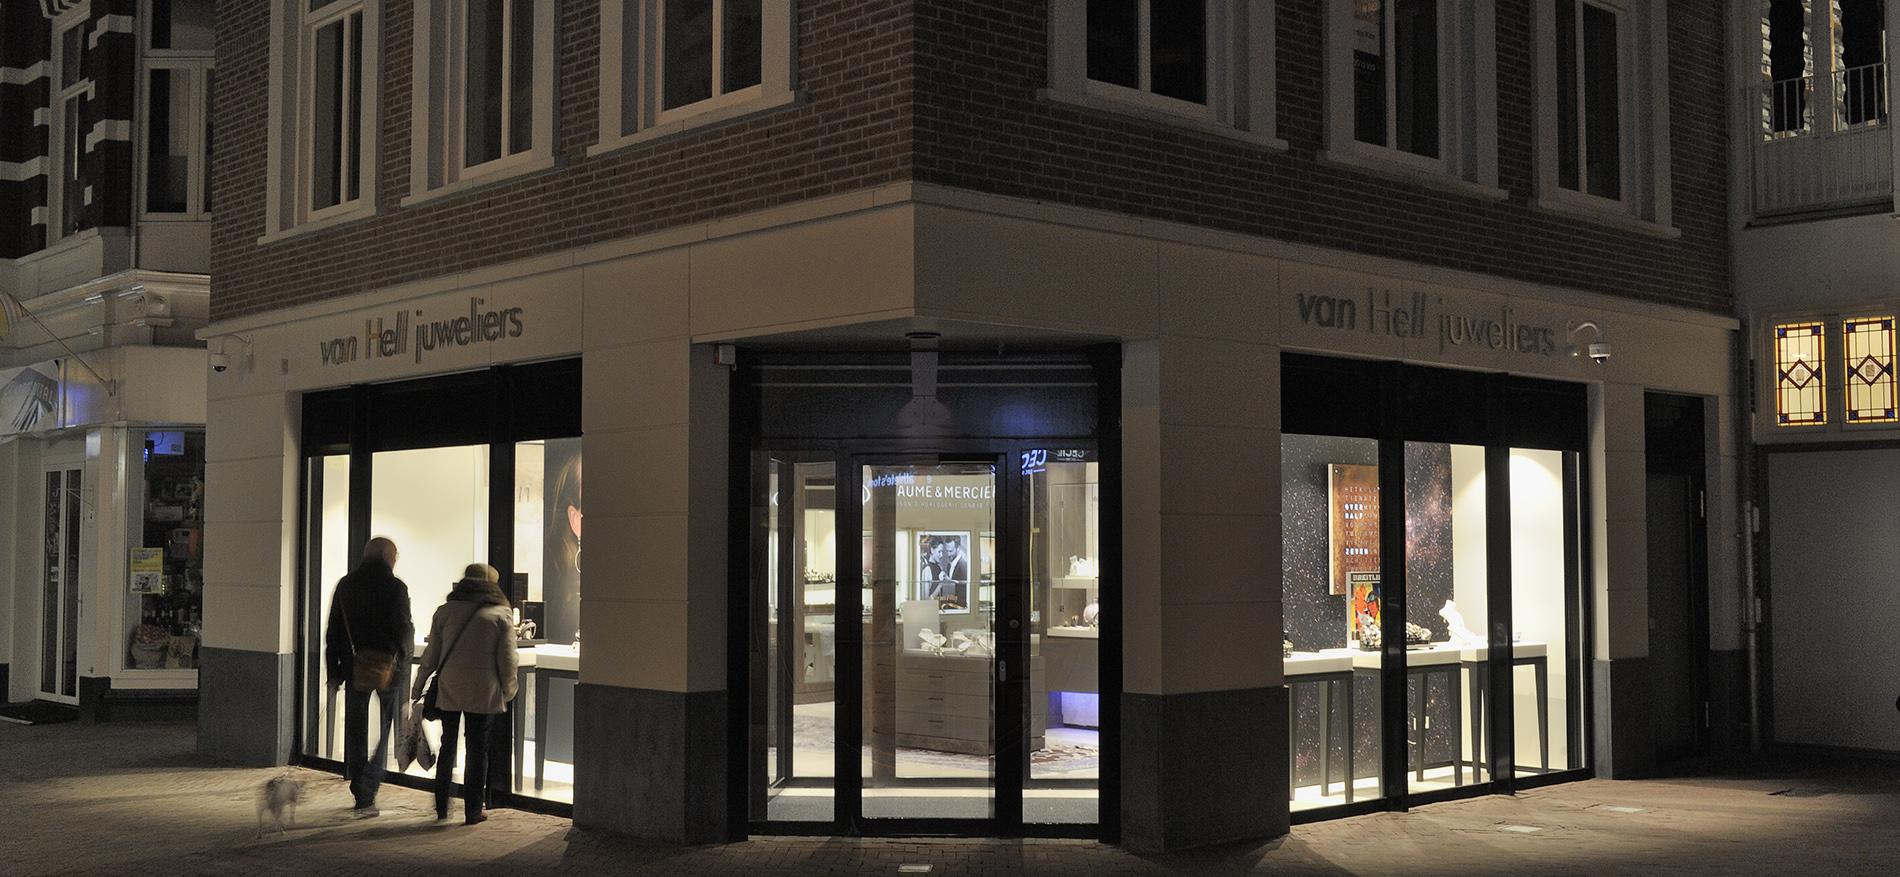 Winkelinrichting Juweliers van Hell door WSB